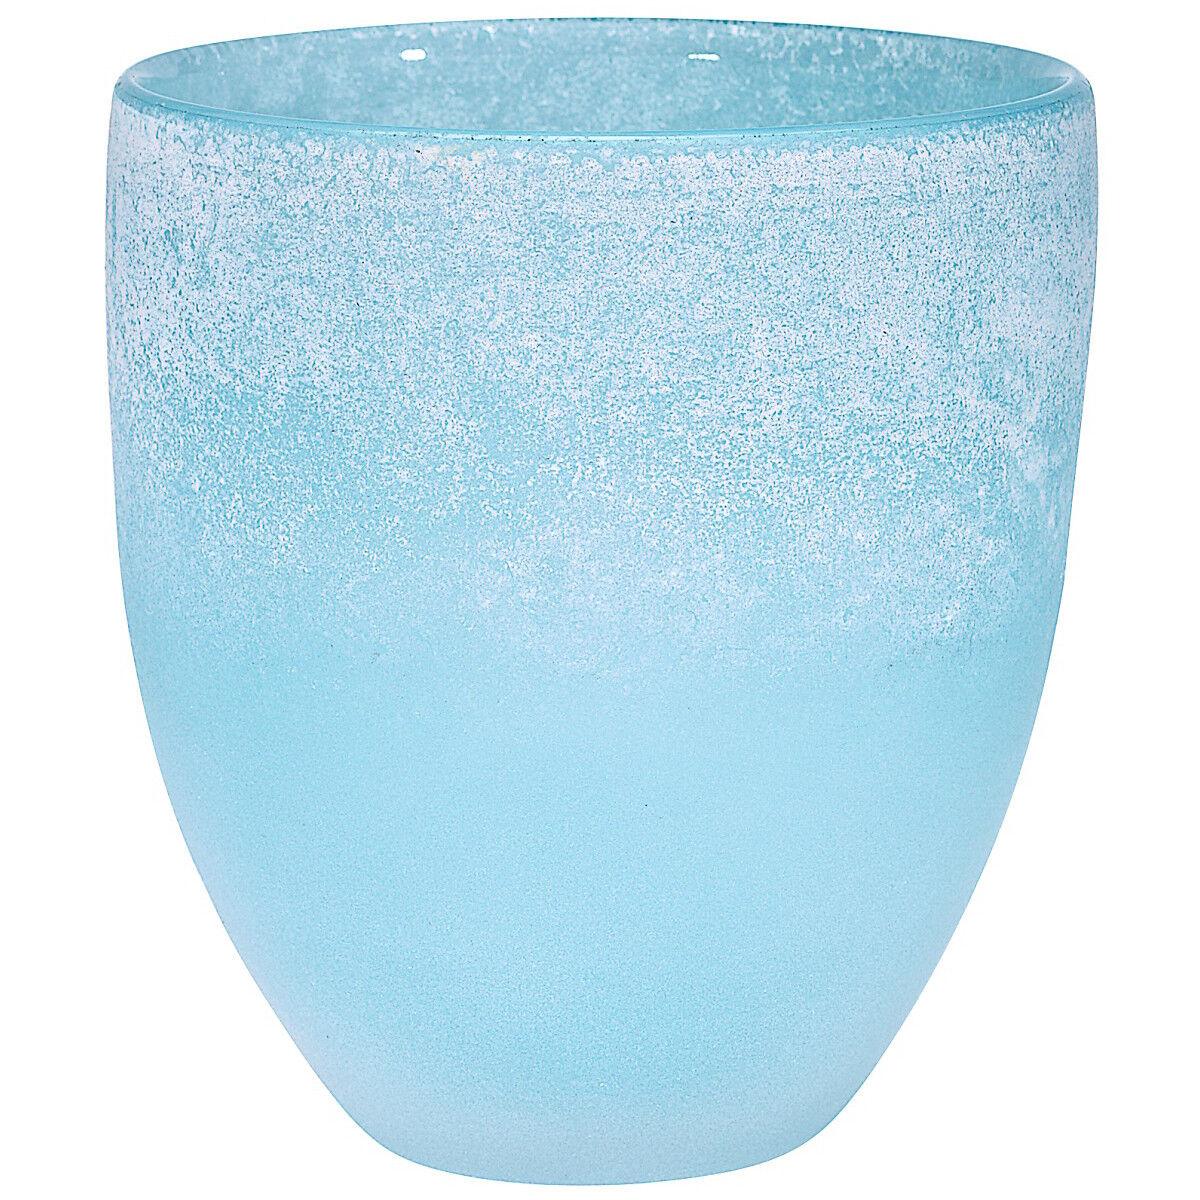 VASO Fiori Vaso Coloreei   blupat H = 16cm HANDMADE (Art Glass cristalica) gw02856